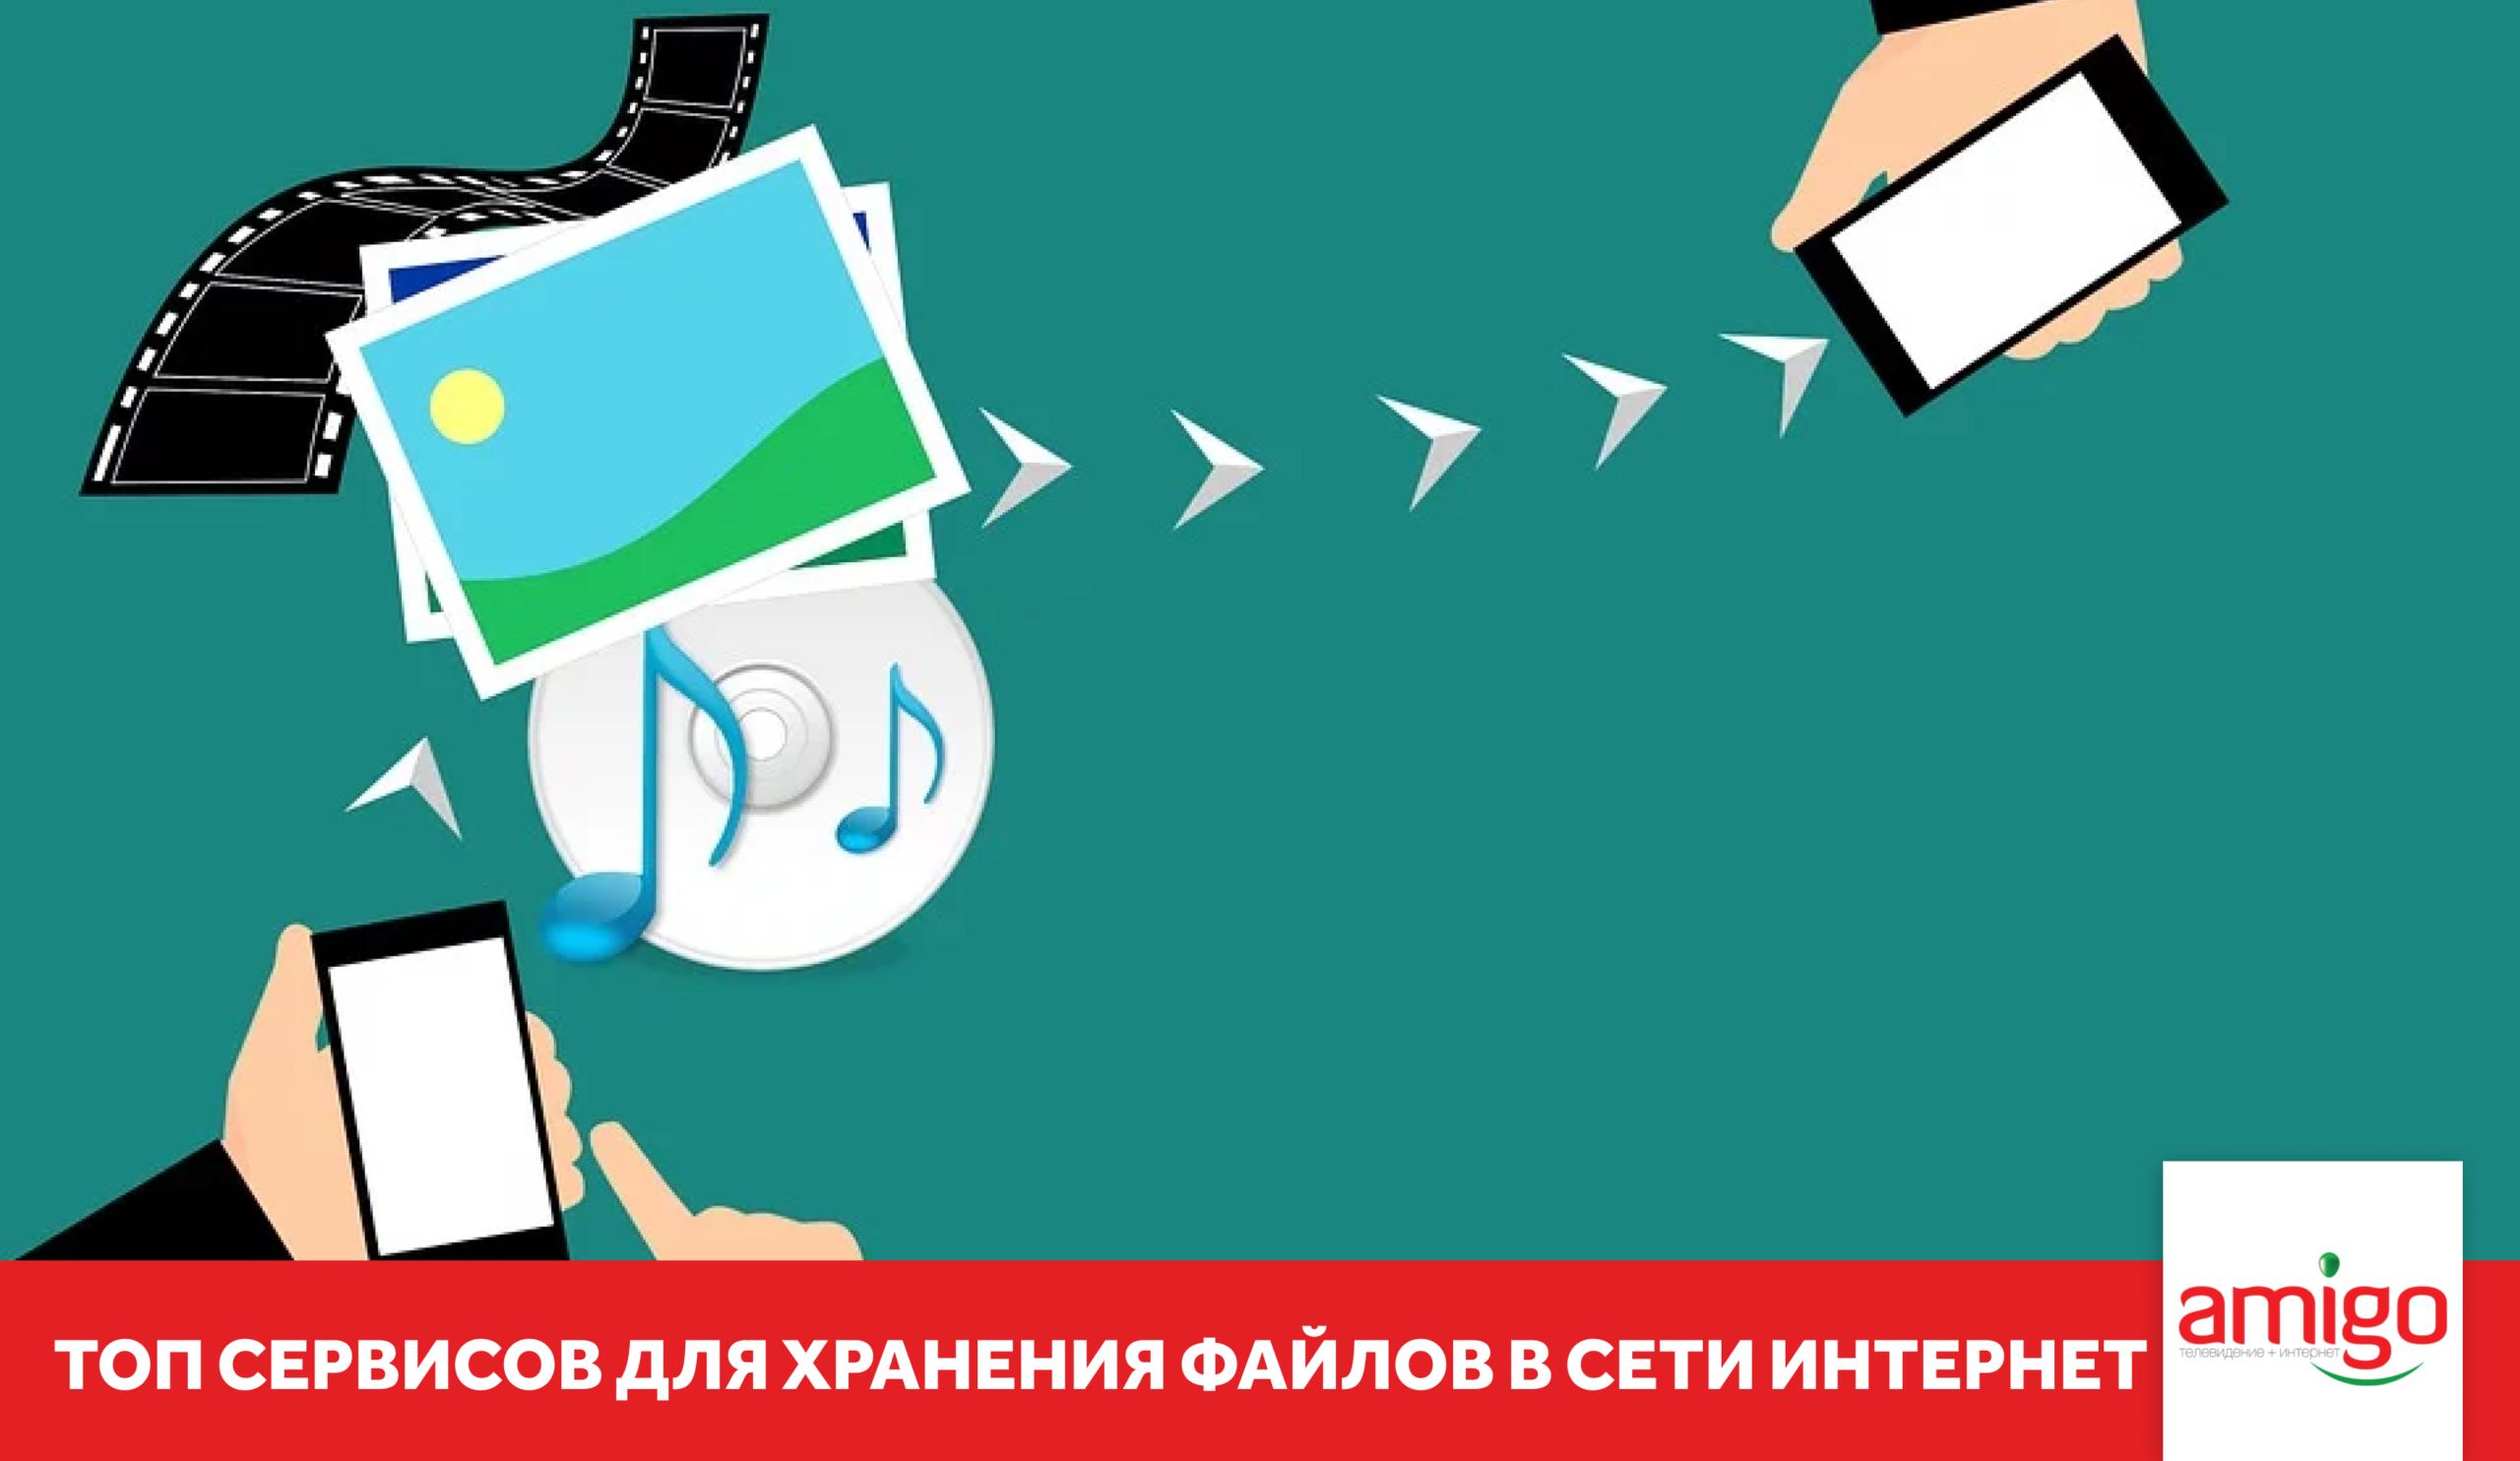 Топ сервисов для хранения файлов в сети Интернет